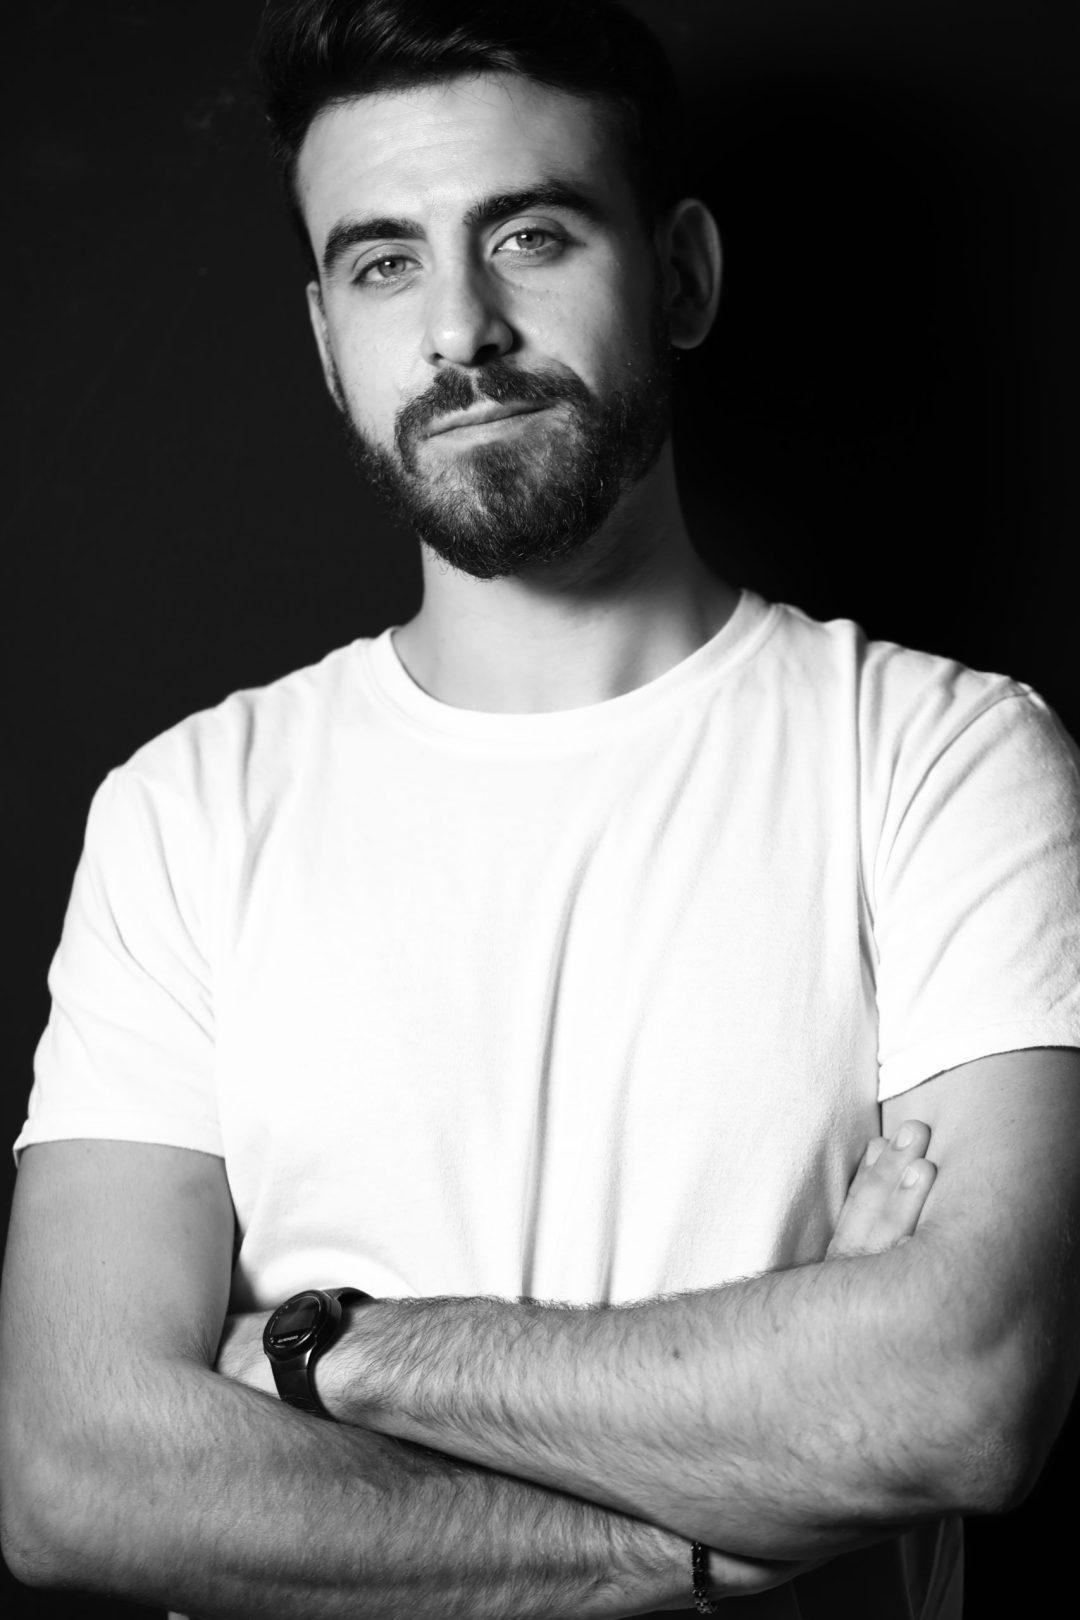 Stefano Ribaudo